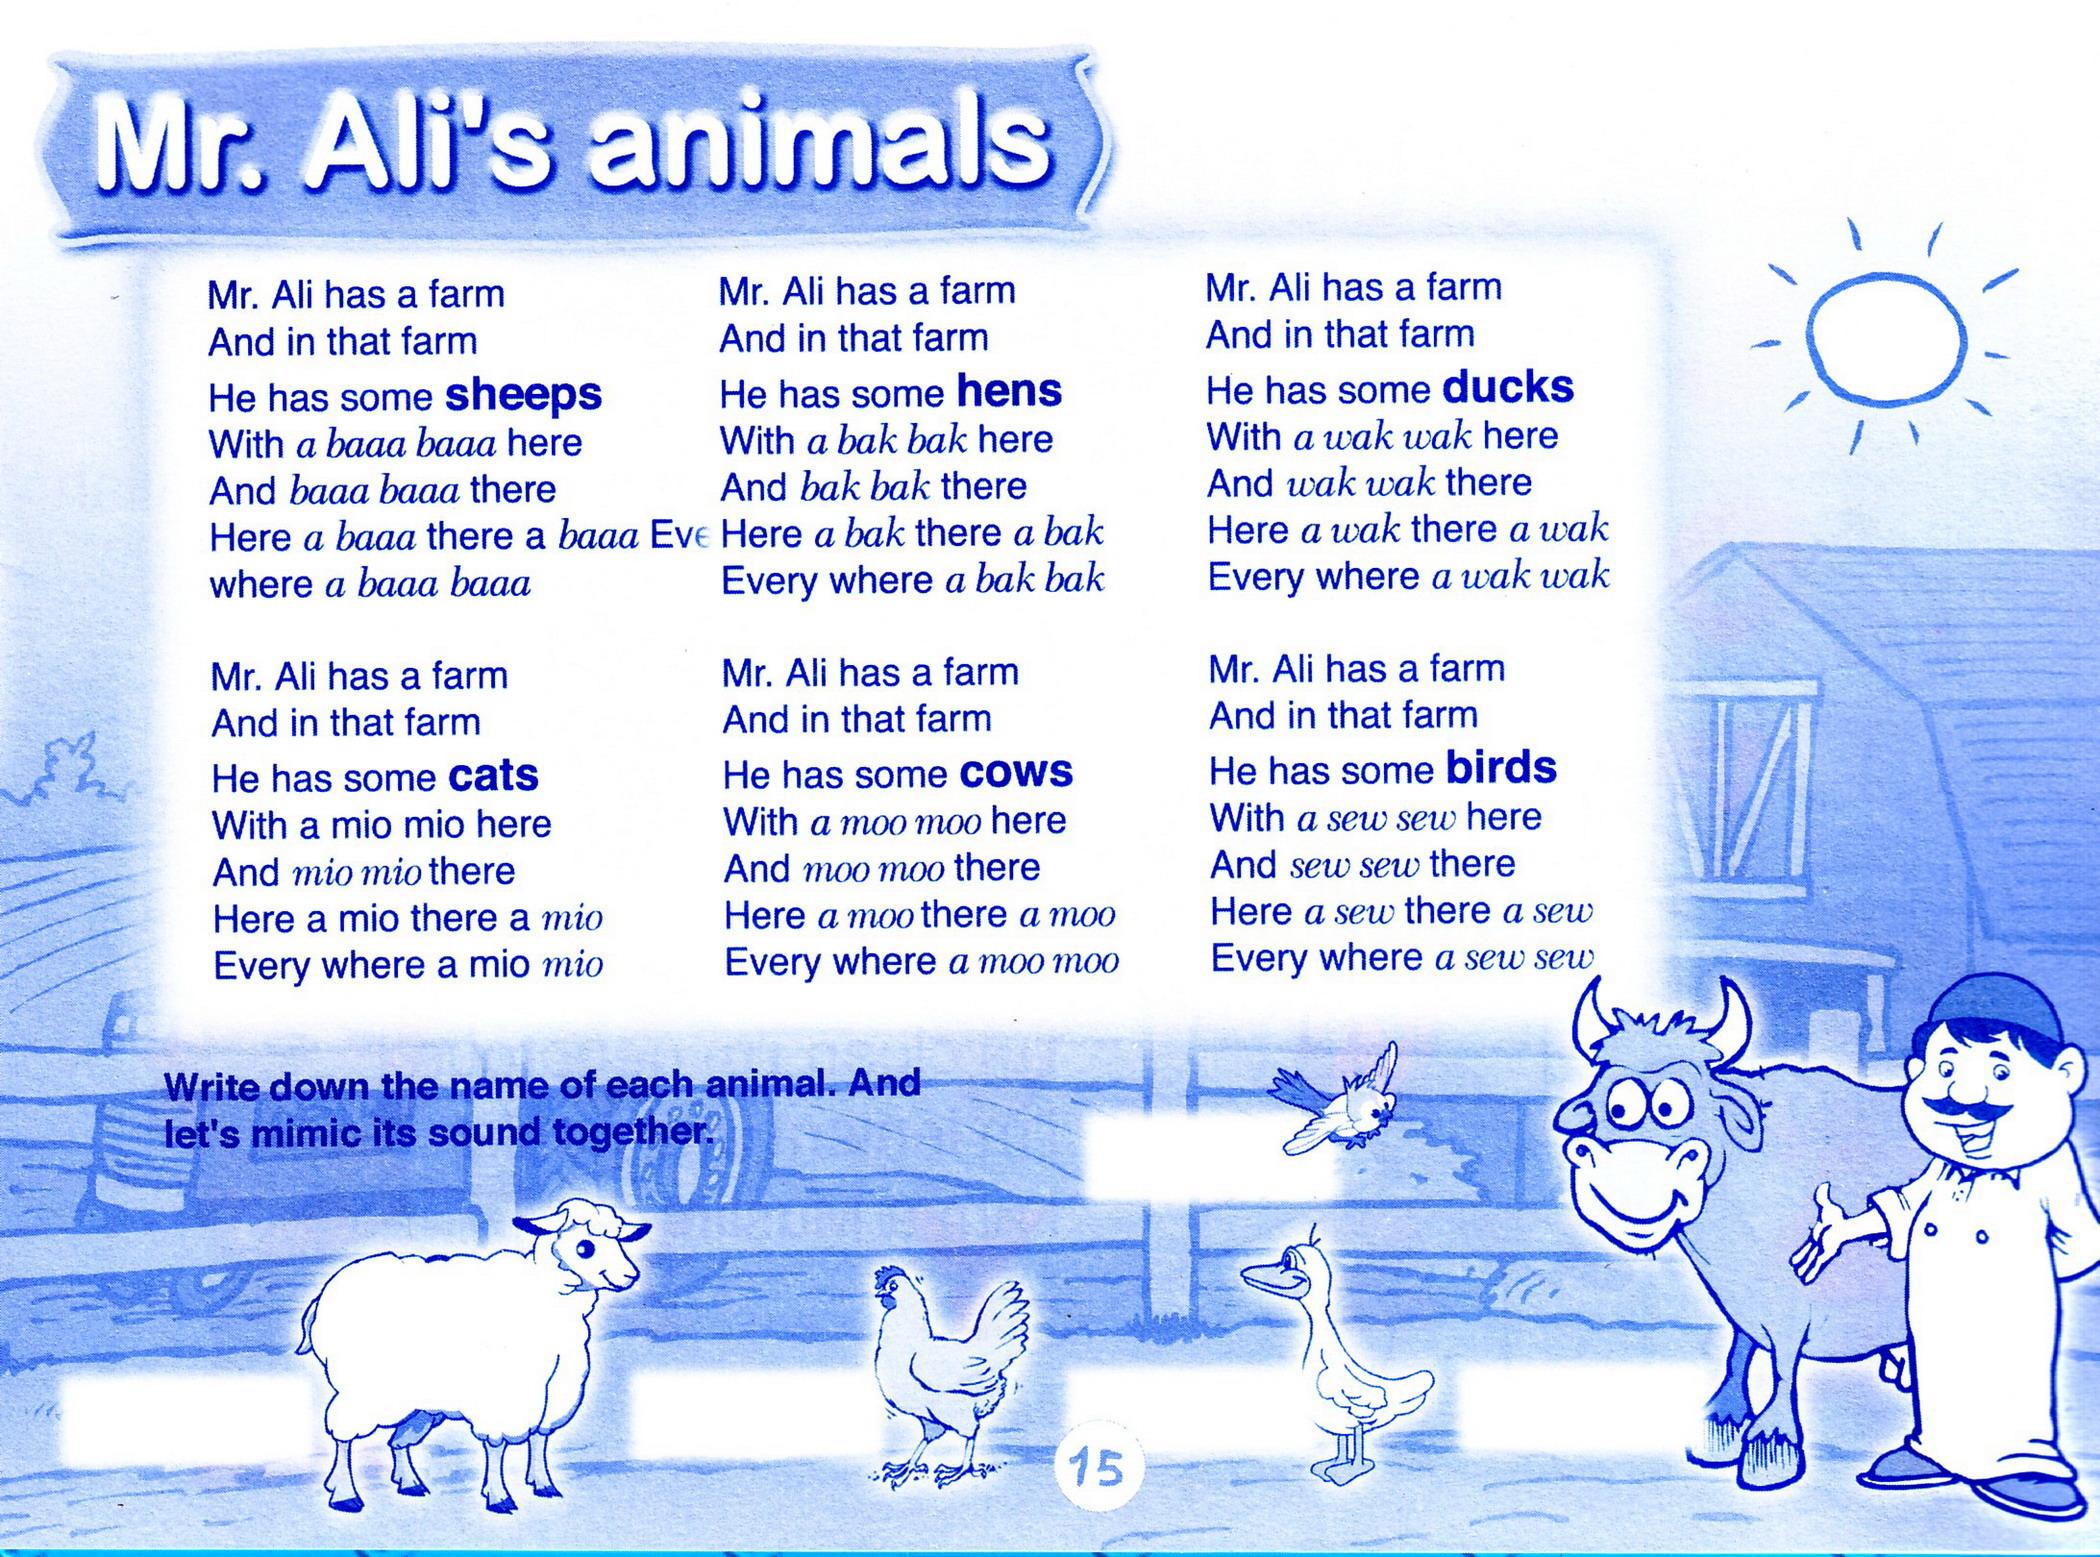 أناشيد باللغة الأنجليزية تعليمية - English songs for kids .. للأطفال 1234_01200095817